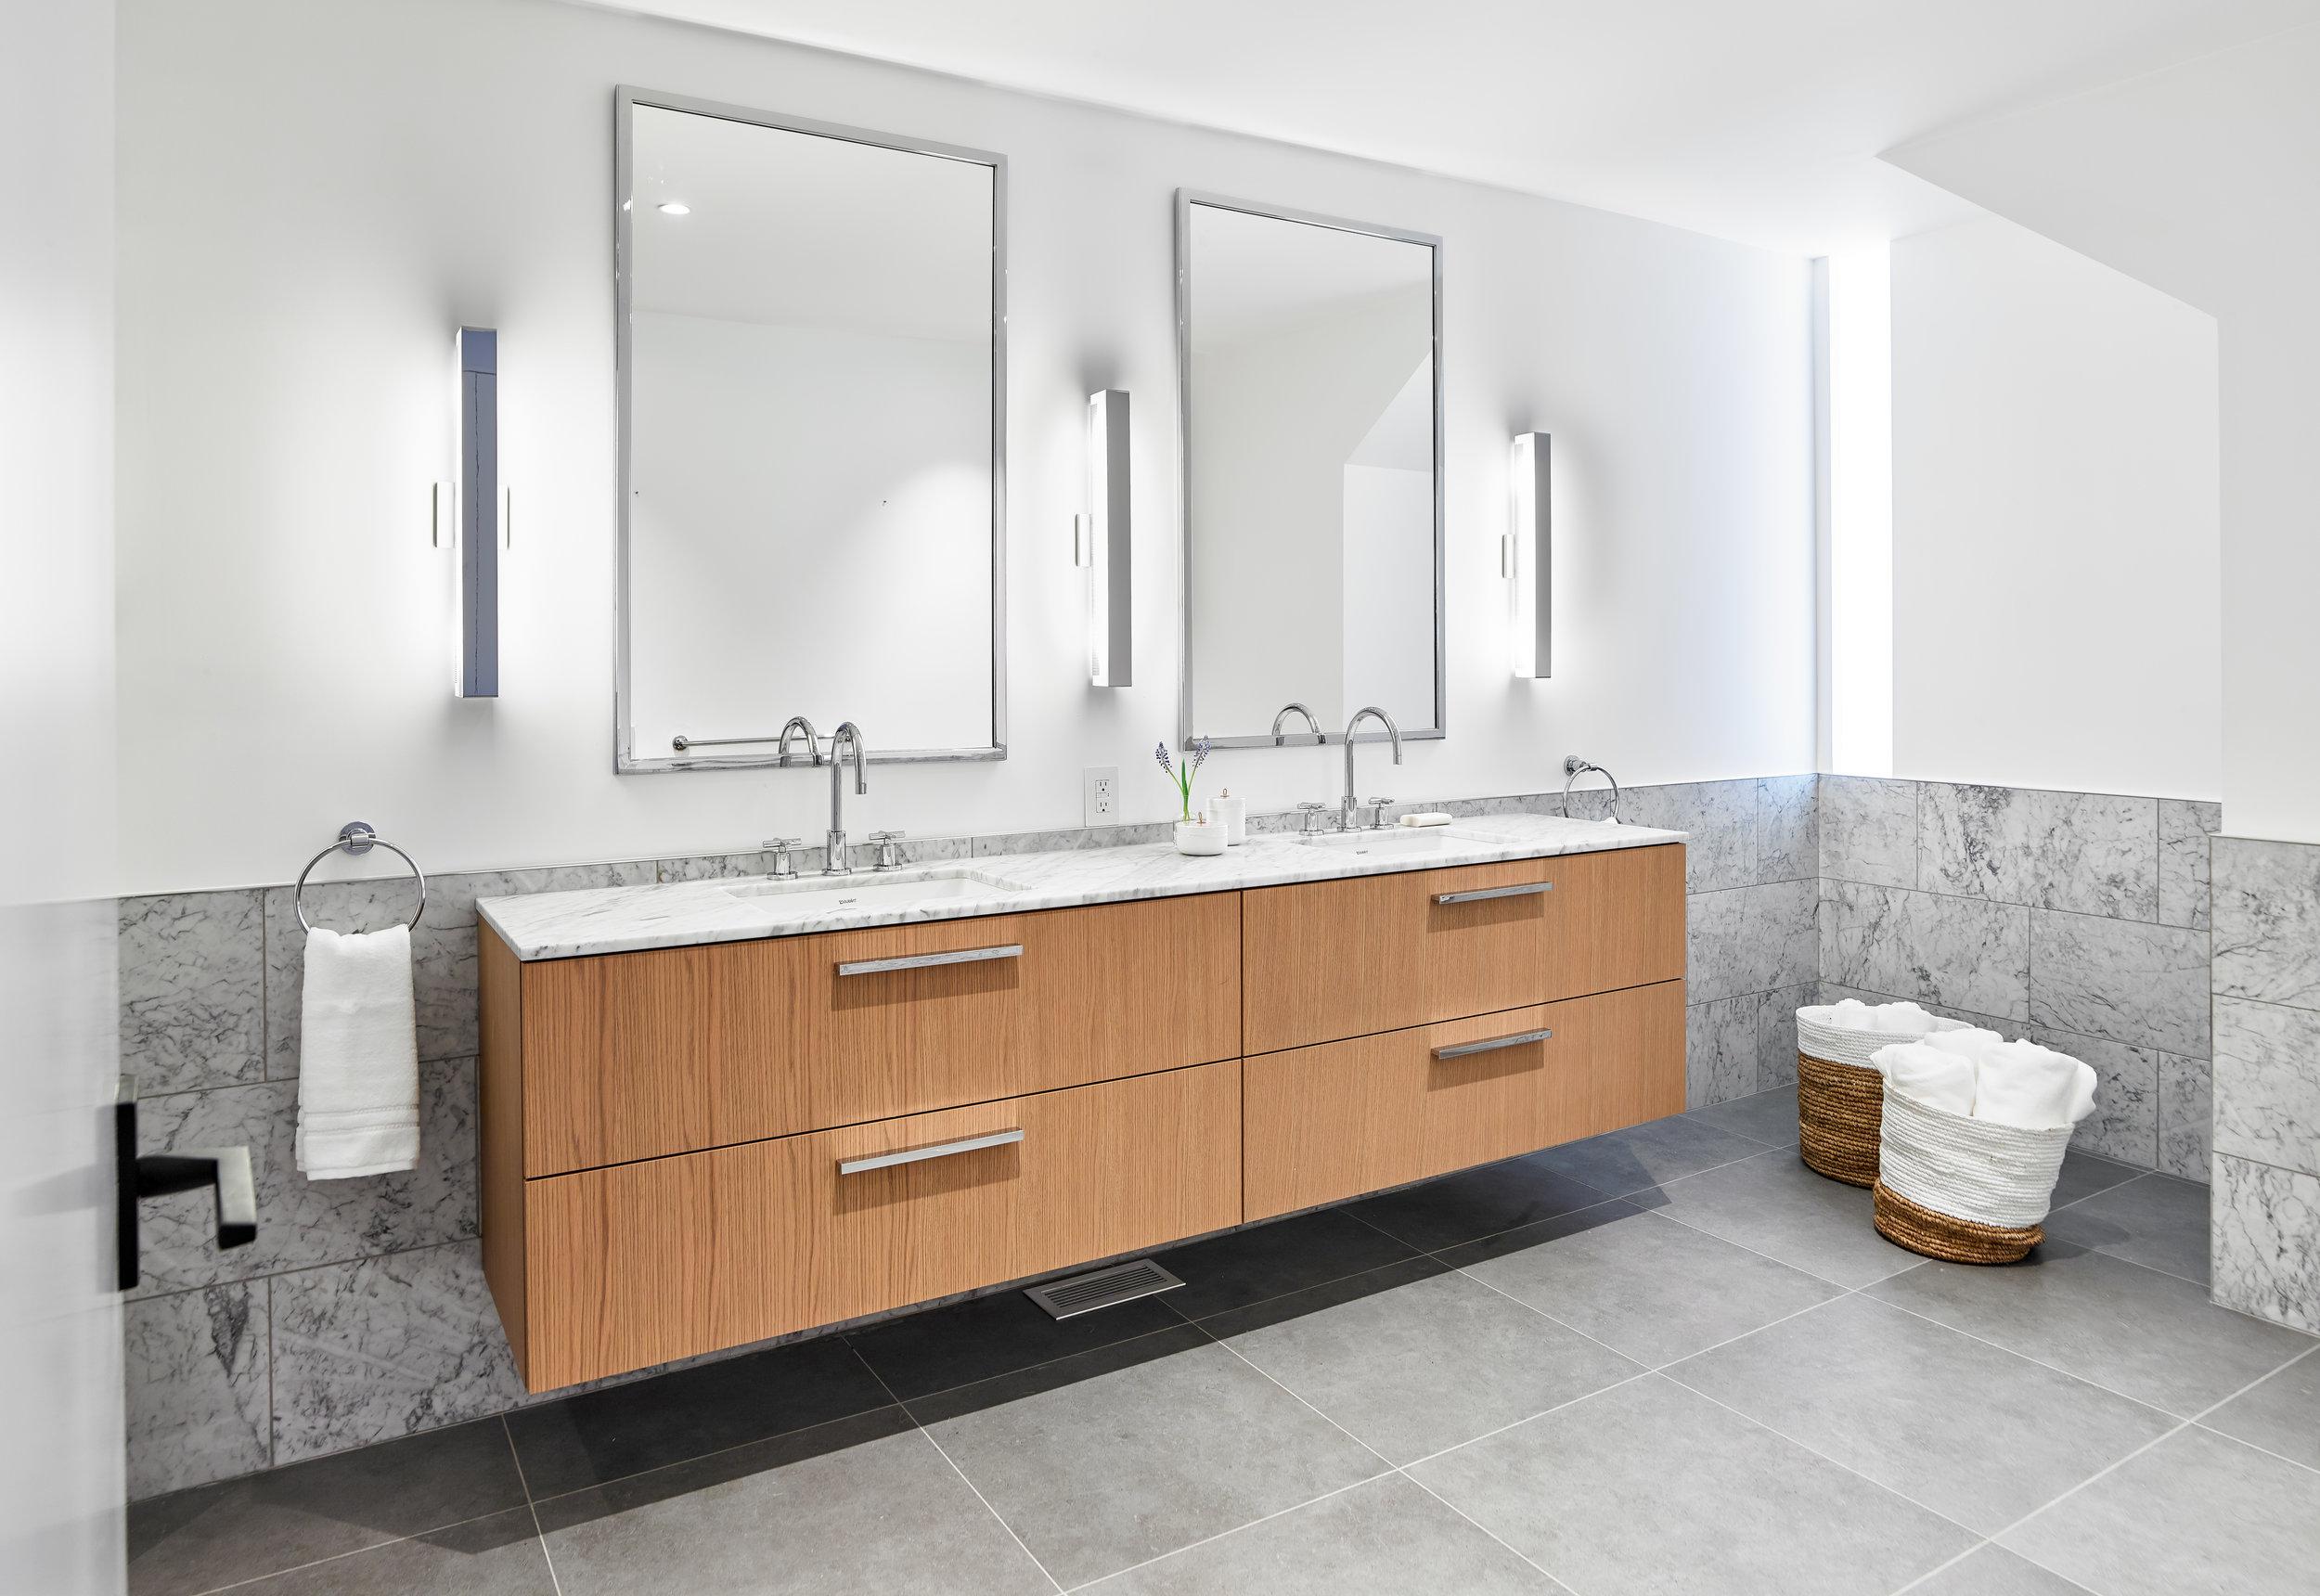 Walker Master Bathroom His/Hers Sink